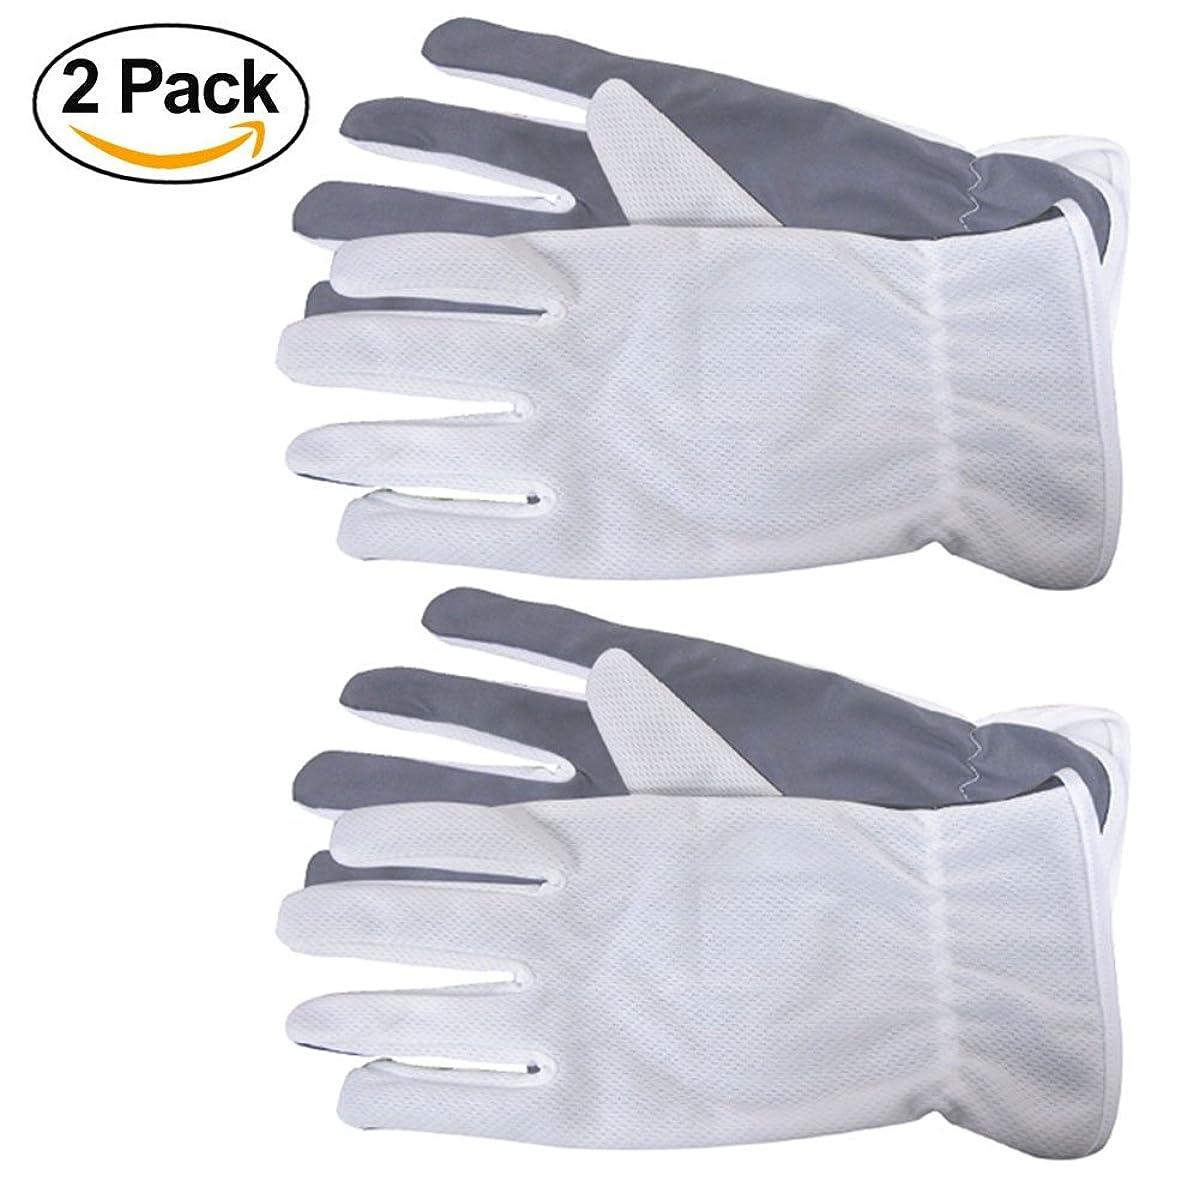 Microfiber Lens & Eyeglass Cleaner Gloves for Sunglasses, Camera, Laptops, Dusting for Fingerprints, -2 Pair- By OptiPlix